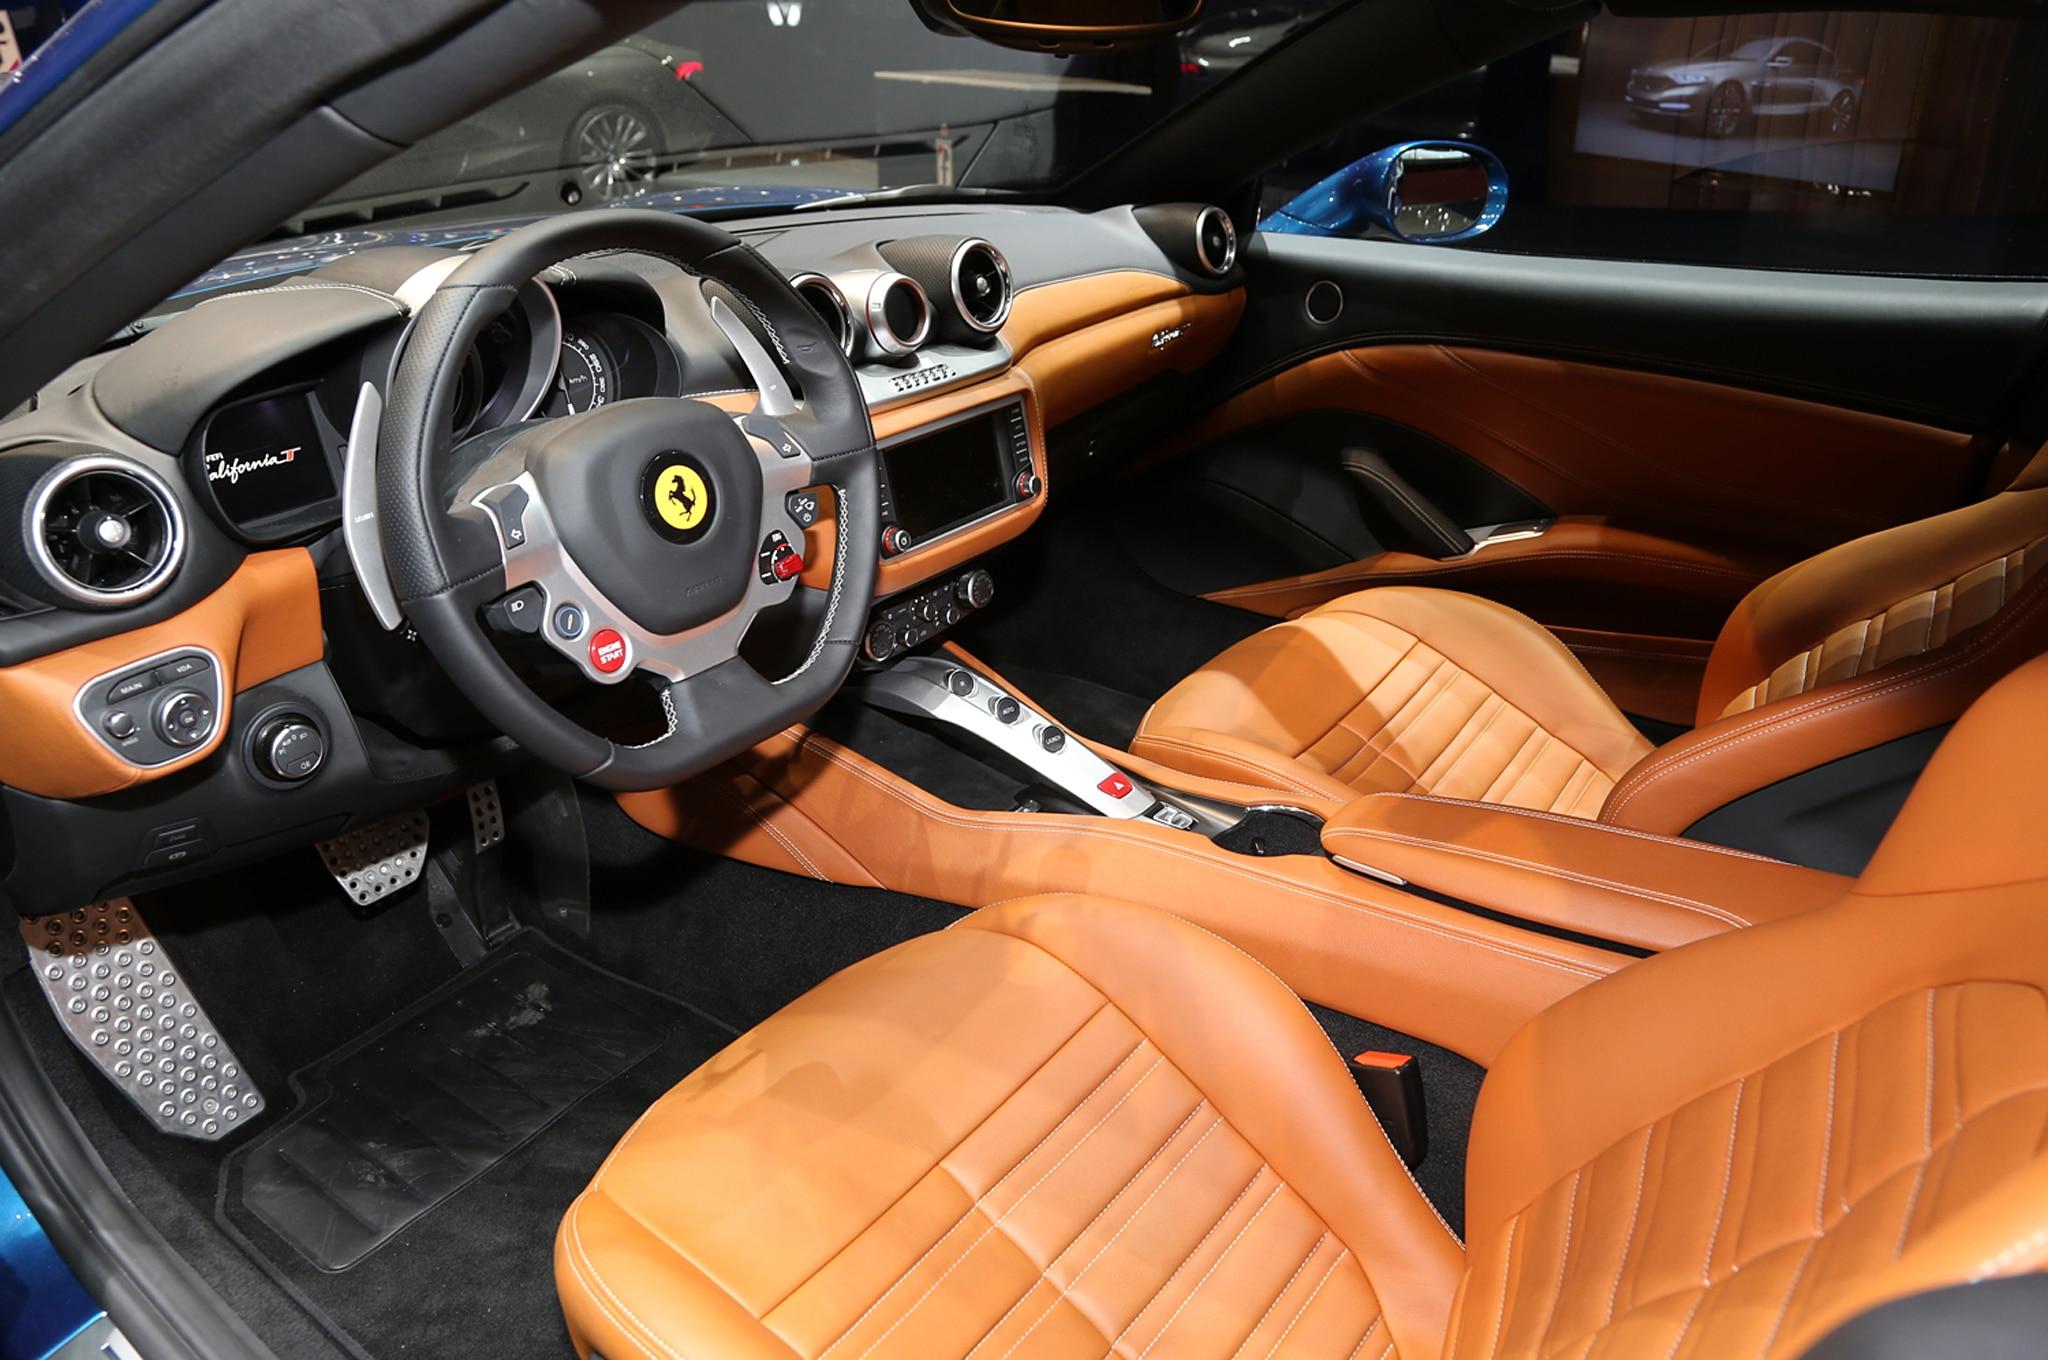 2013 Ferrari California - First Drive - Automobile Magazine